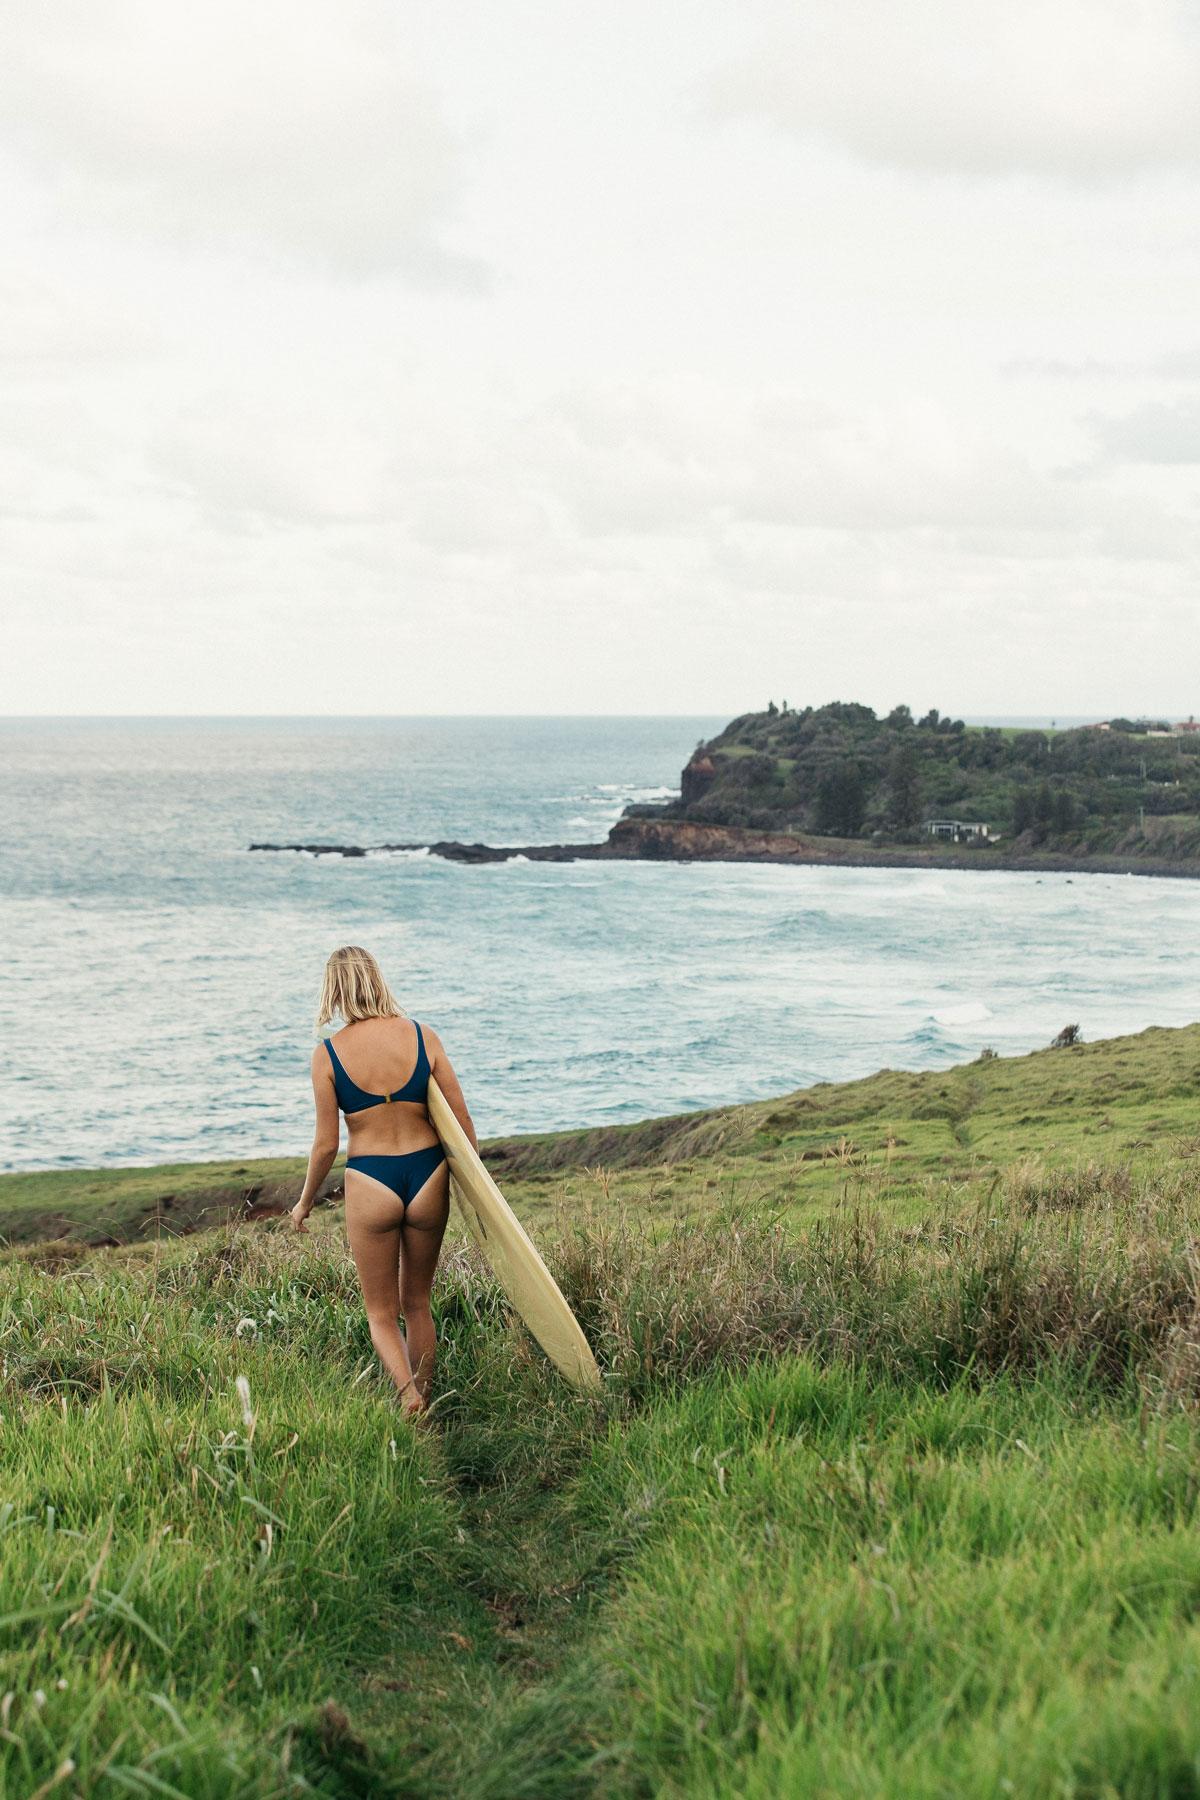 Woman walking in grass field towards the ocean wearing a blue surf bikini holding a longboard under her arm